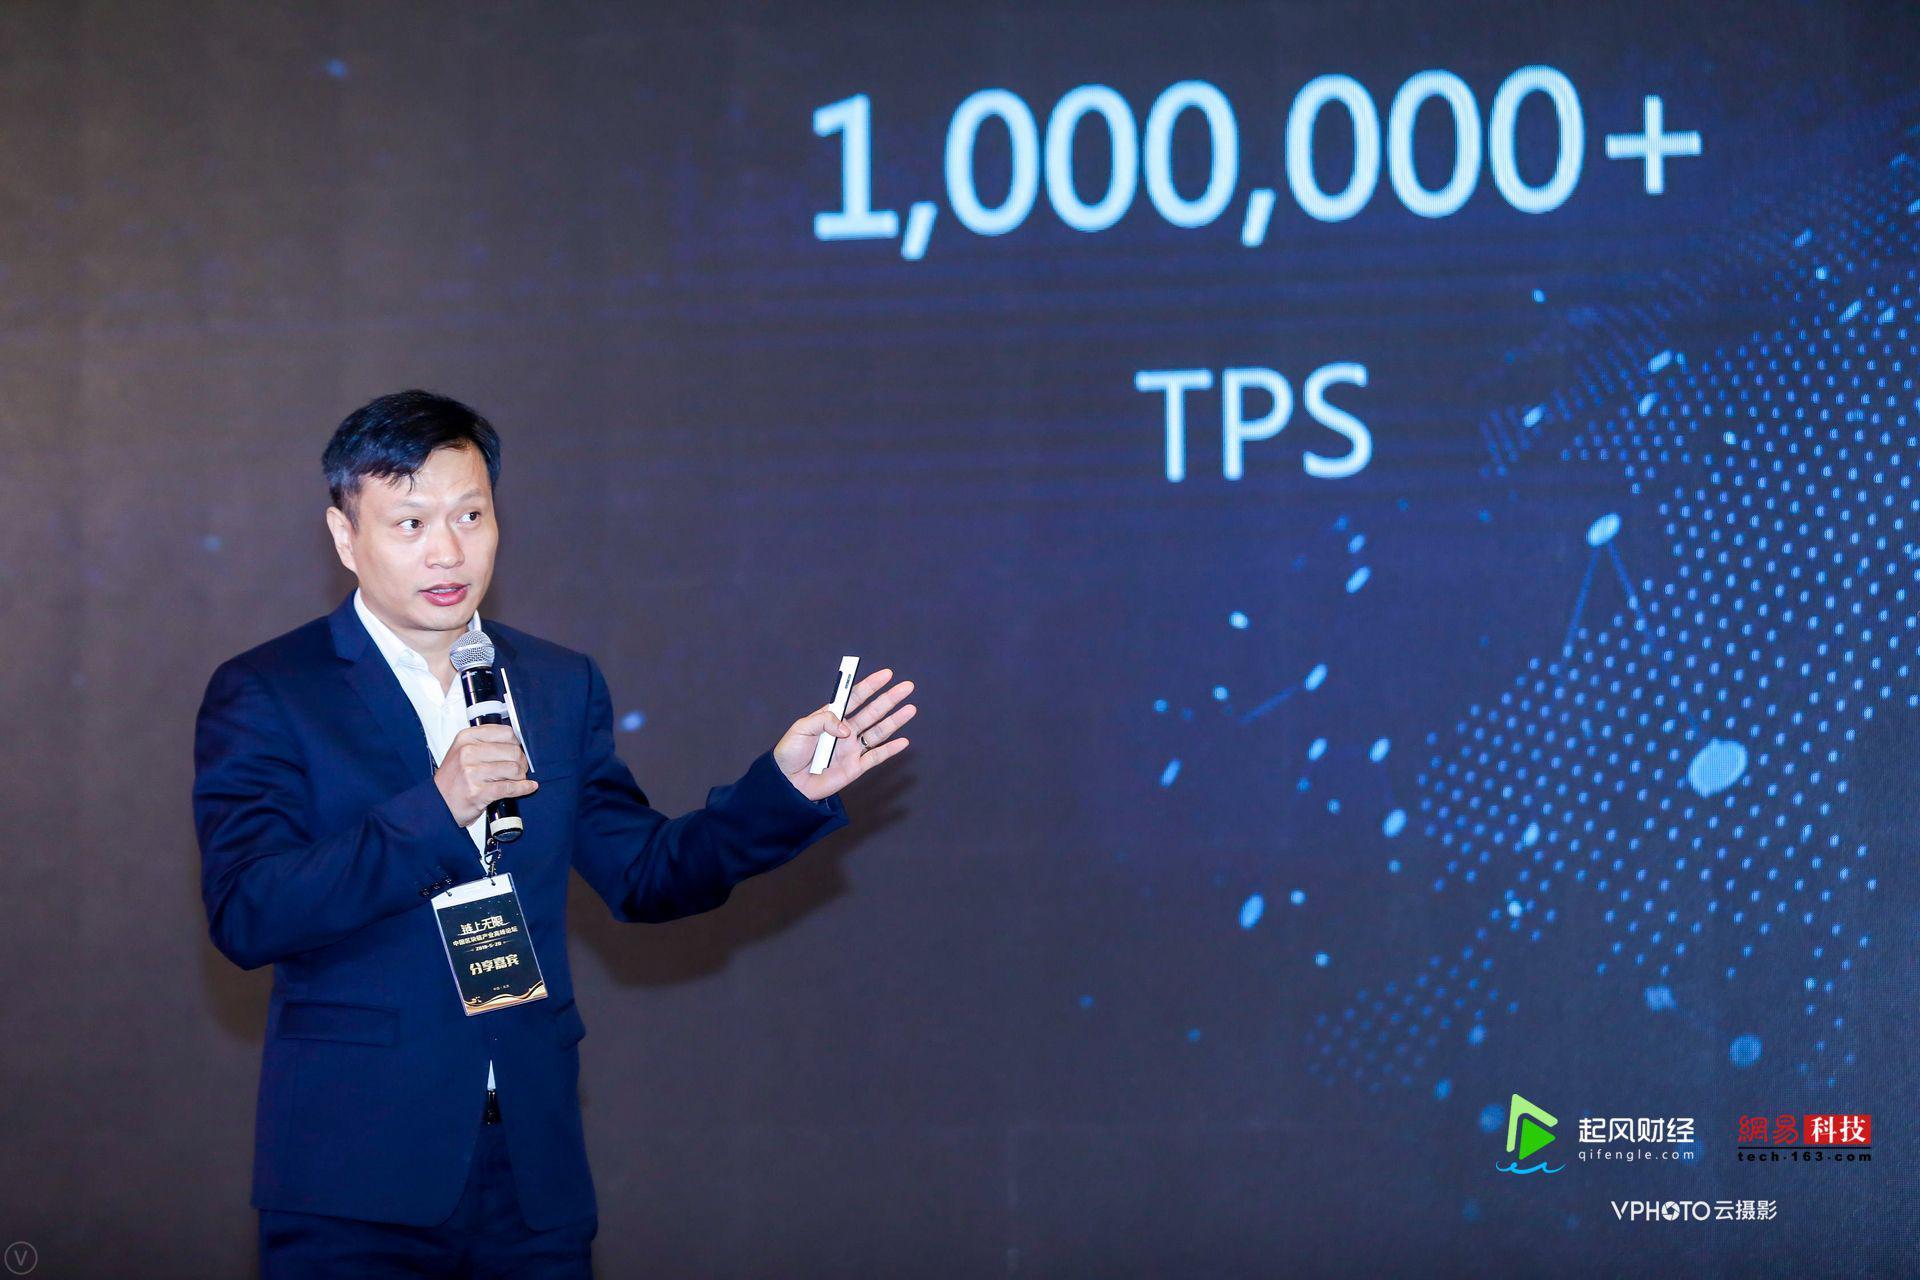 迅雷CEO陈磊:共享经济和区块链是一对共生关系